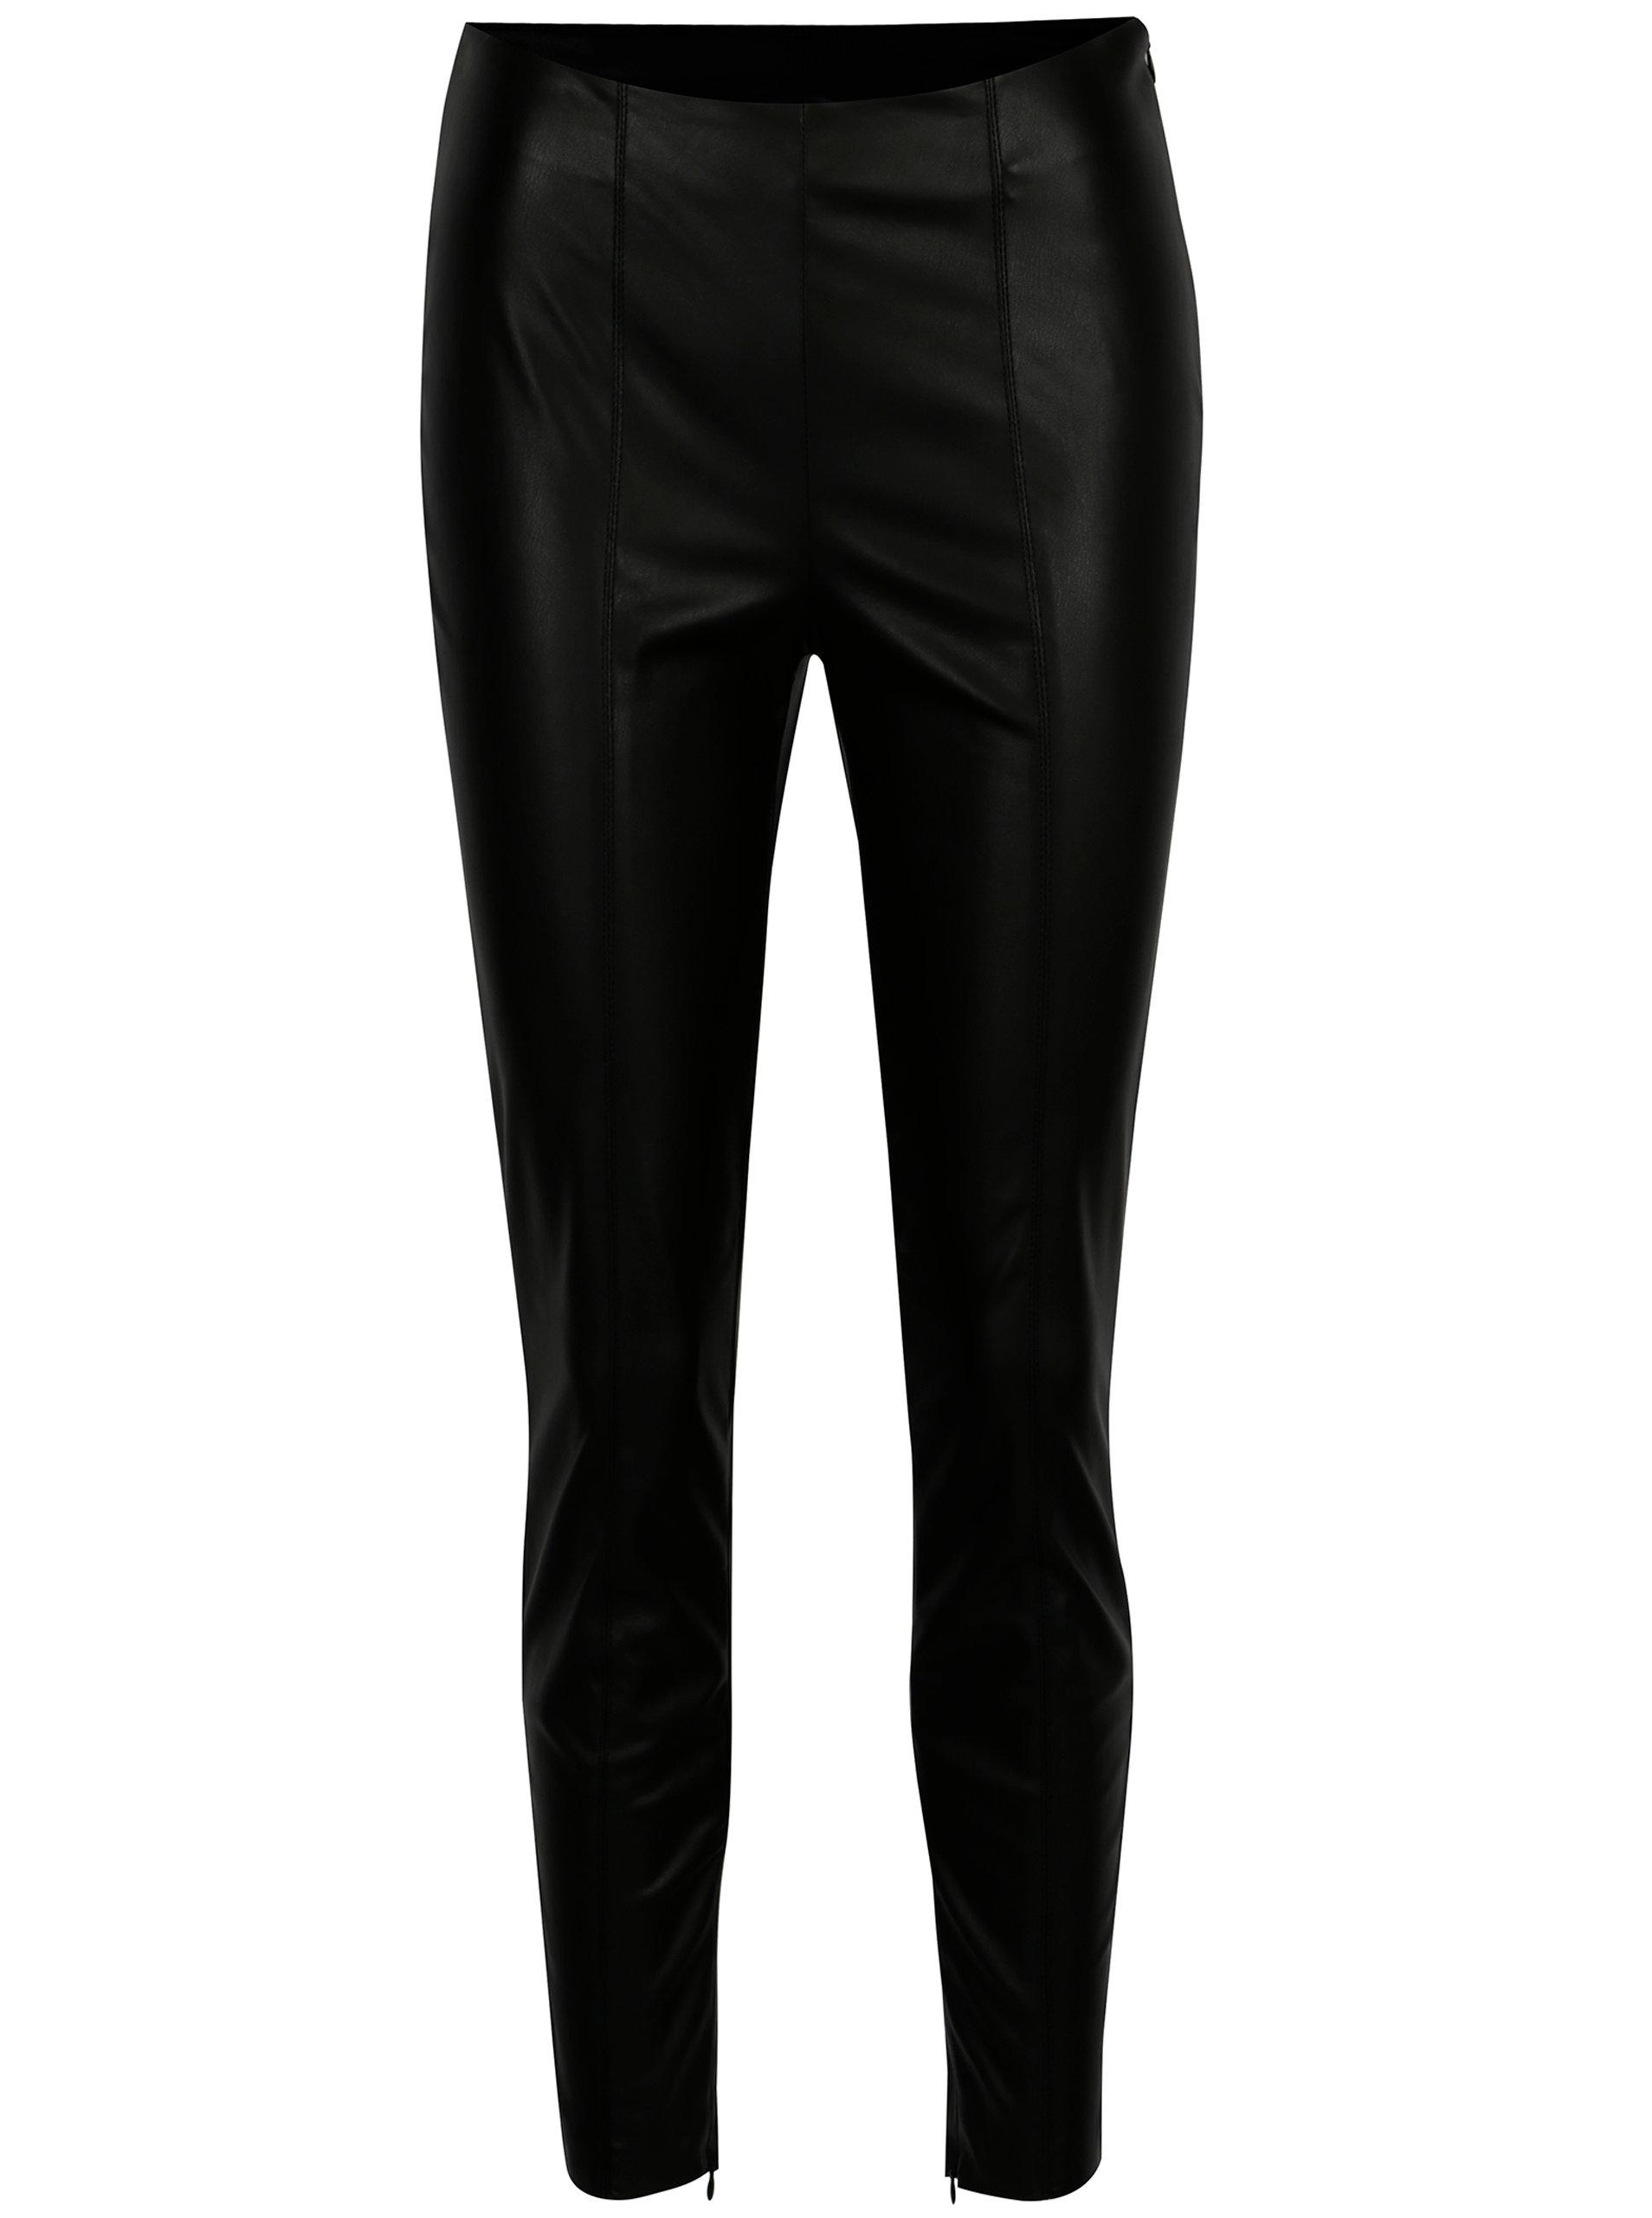 a6b09a90bfc2 Čierne koženkové nohavice s vysokým pásom VILA Pale ...